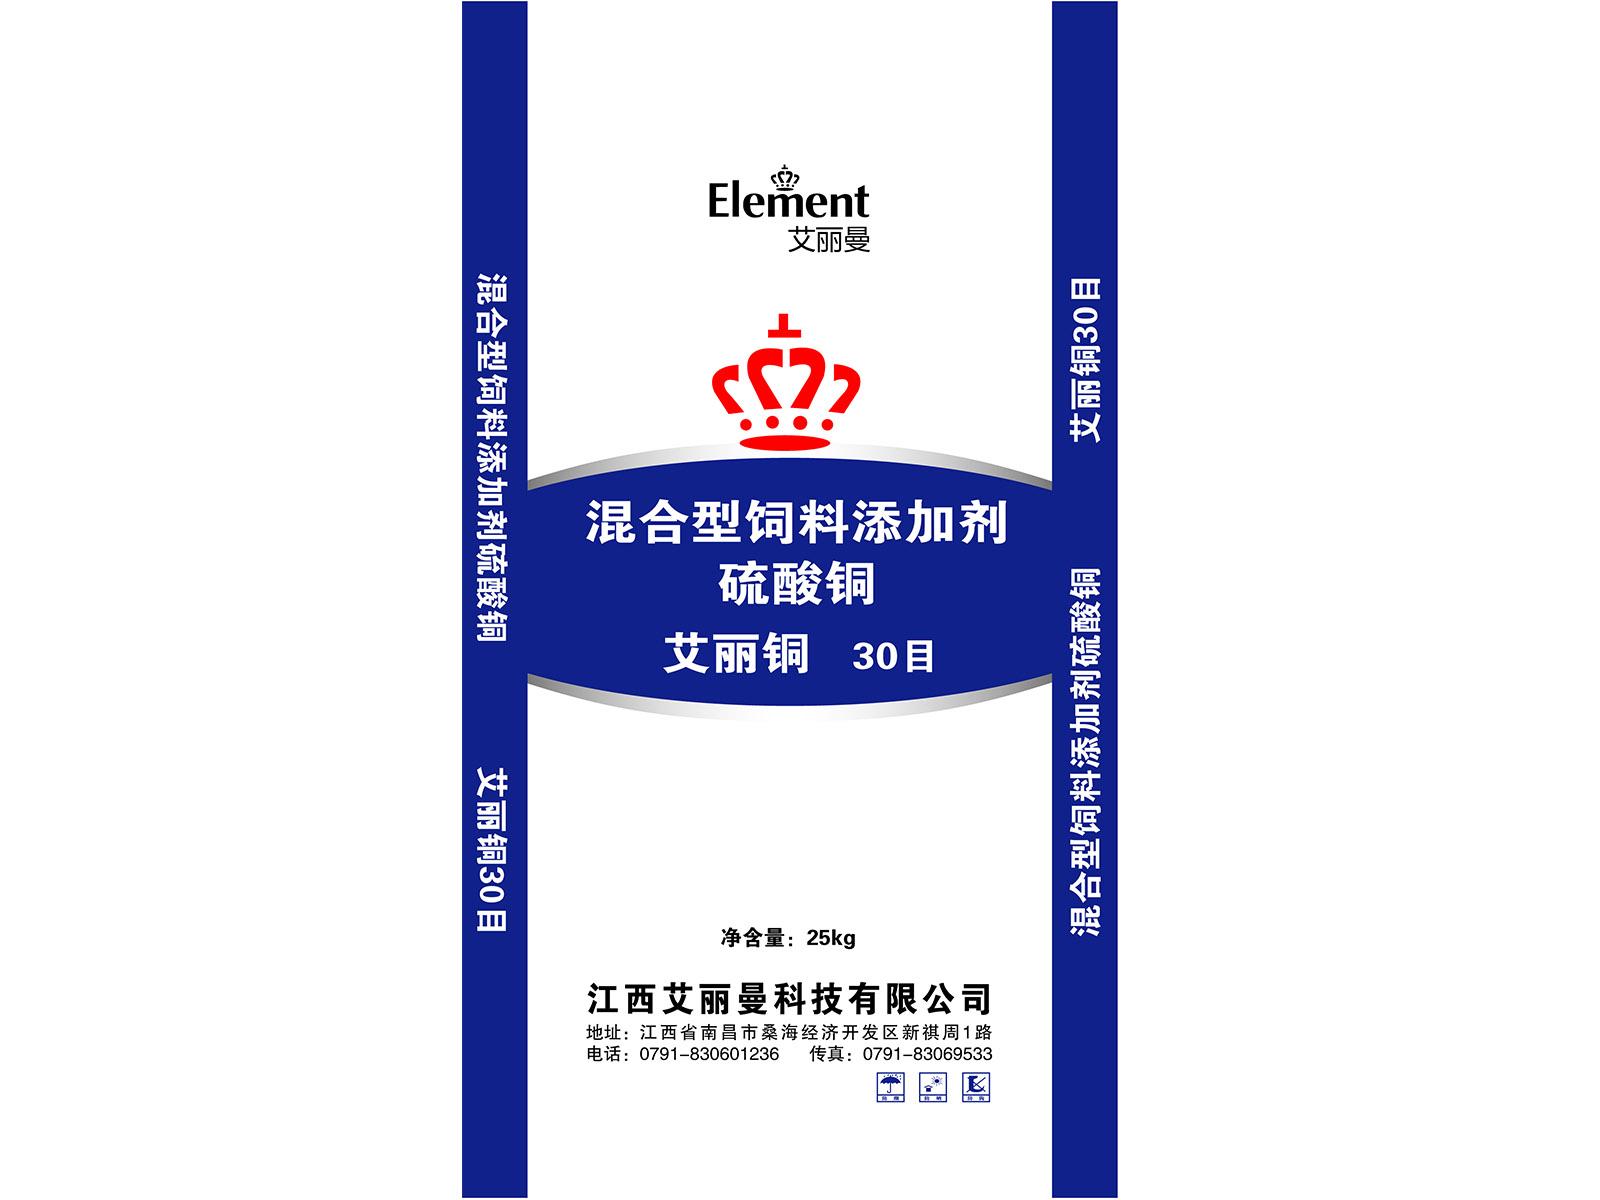 硫酸钴-艾丽曼科技有限公司优惠的微量元素饲料添加剂出售